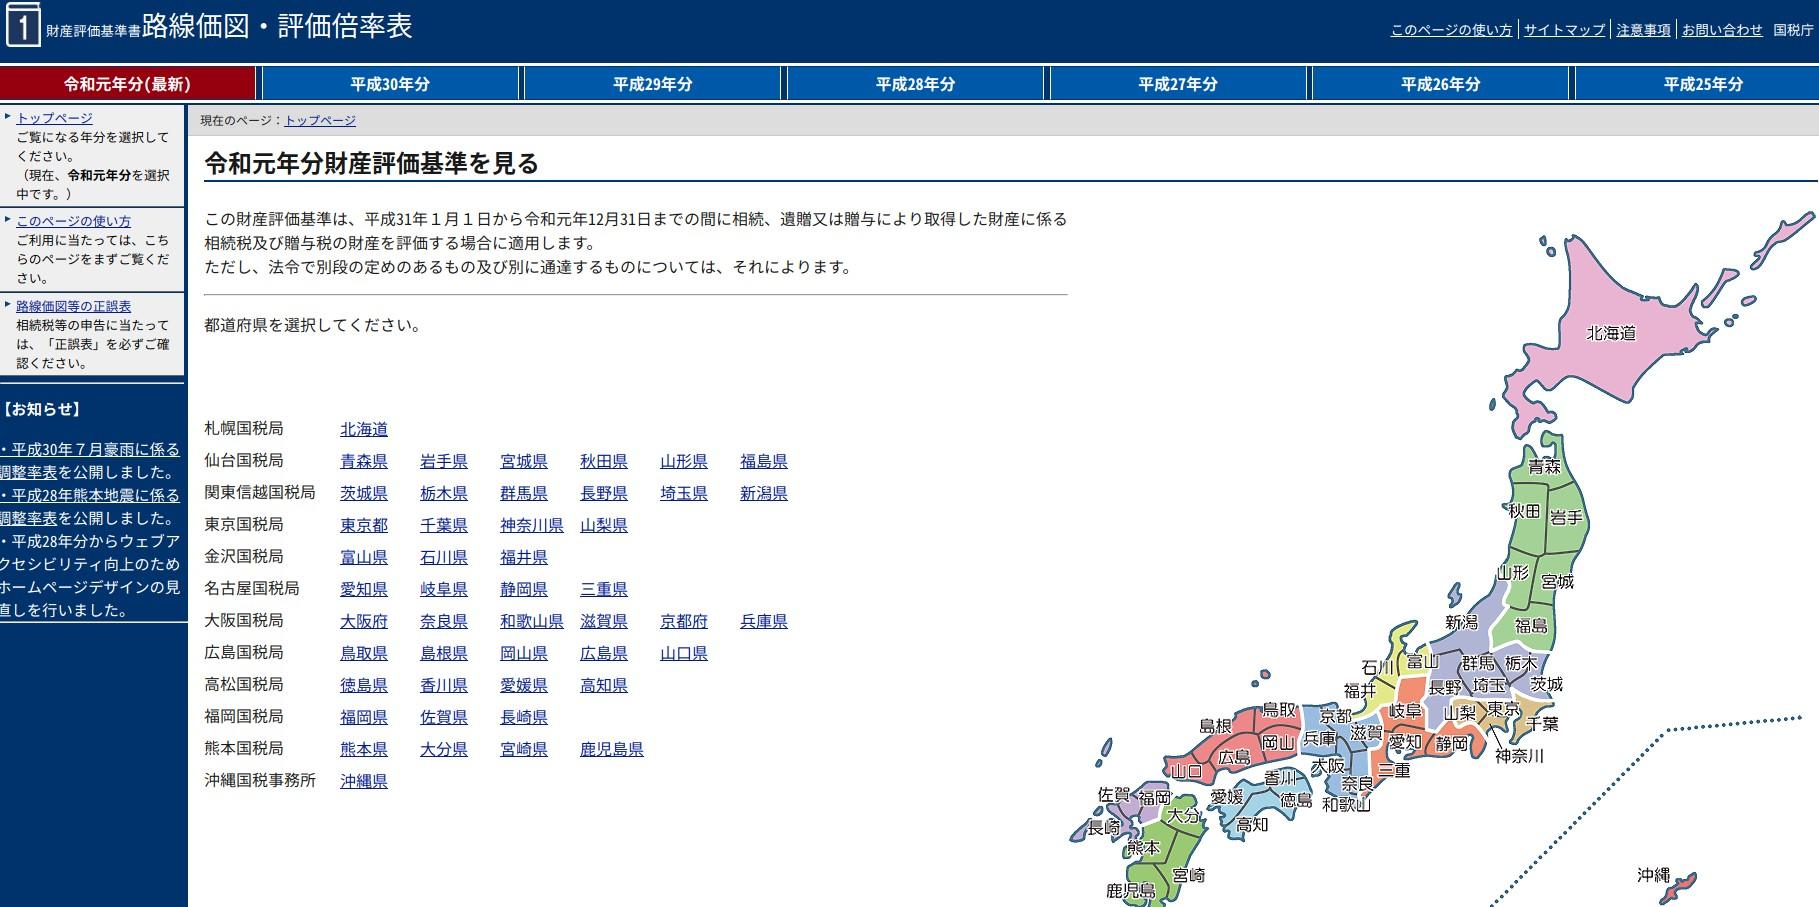 国税庁ホームページの路線価図トップ